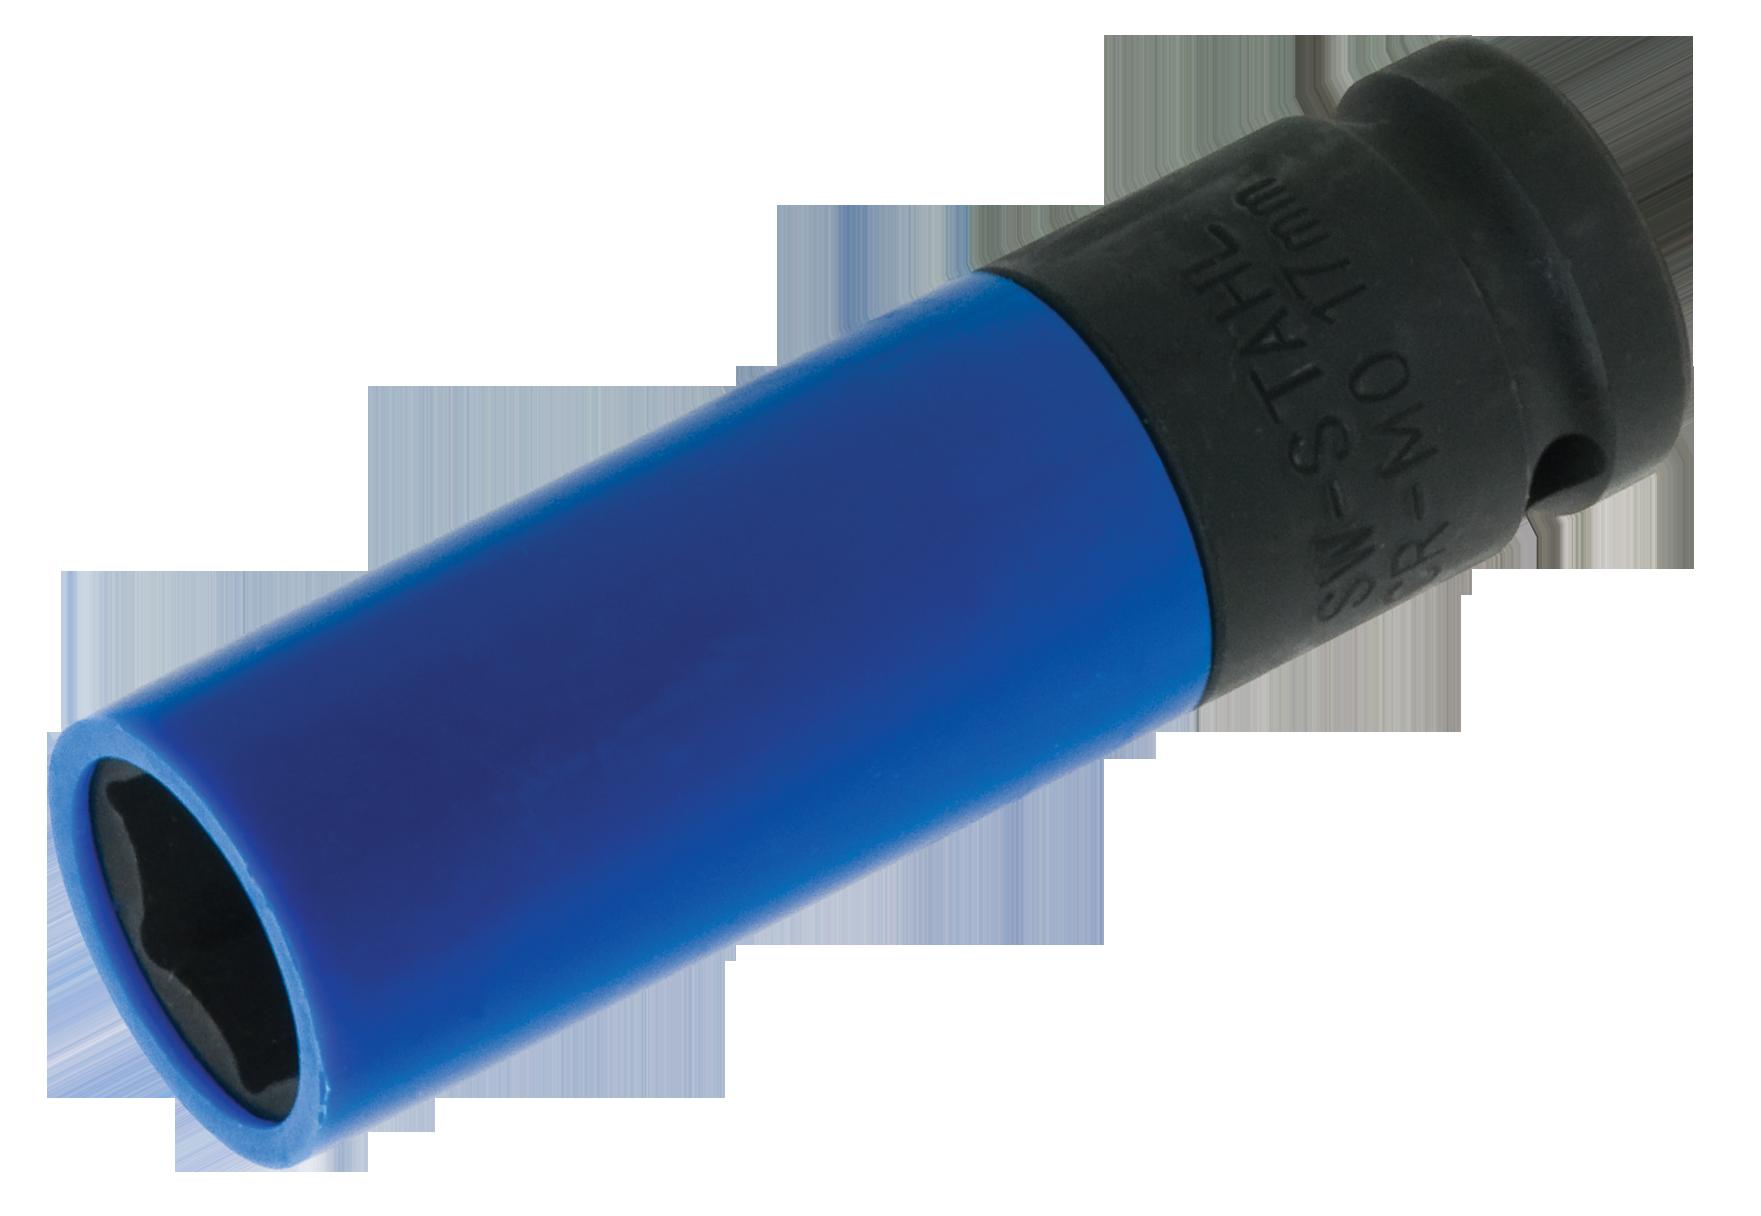 SWSTAHL Radmutterneinsatz, 1/2 Zoll, 17 mm 07871L